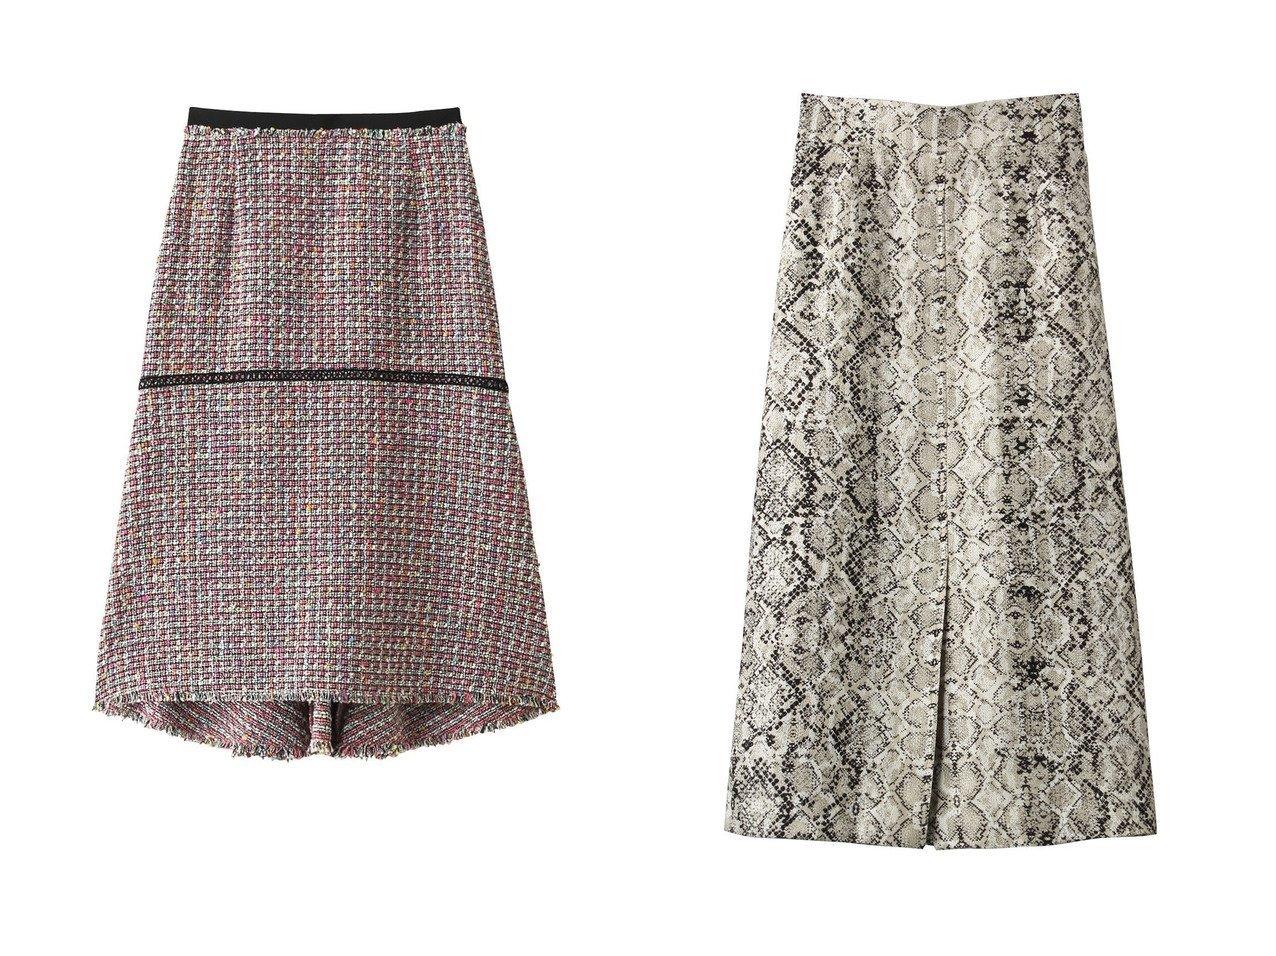 【allureville/アルアバイル】のパイソンプリントナロースカート&【Loulou Willoughby】カラーツイードペプラムスカート スカートのおすすめ!人気、トレンド・レディースファッションの通販  おすすめで人気の流行・トレンド、ファッションの通販商品 メンズファッション・キッズファッション・インテリア・家具・レディースファッション・服の通販 founy(ファニー) https://founy.com/ ファッション Fashion レディースファッション WOMEN スカート Skirt ロングスカート Long Skirt オケージョン ツイード フォルム ペプラム ロング スタイリッシュ スリット フロント ミモレ モダン |ID:crp329100000009775